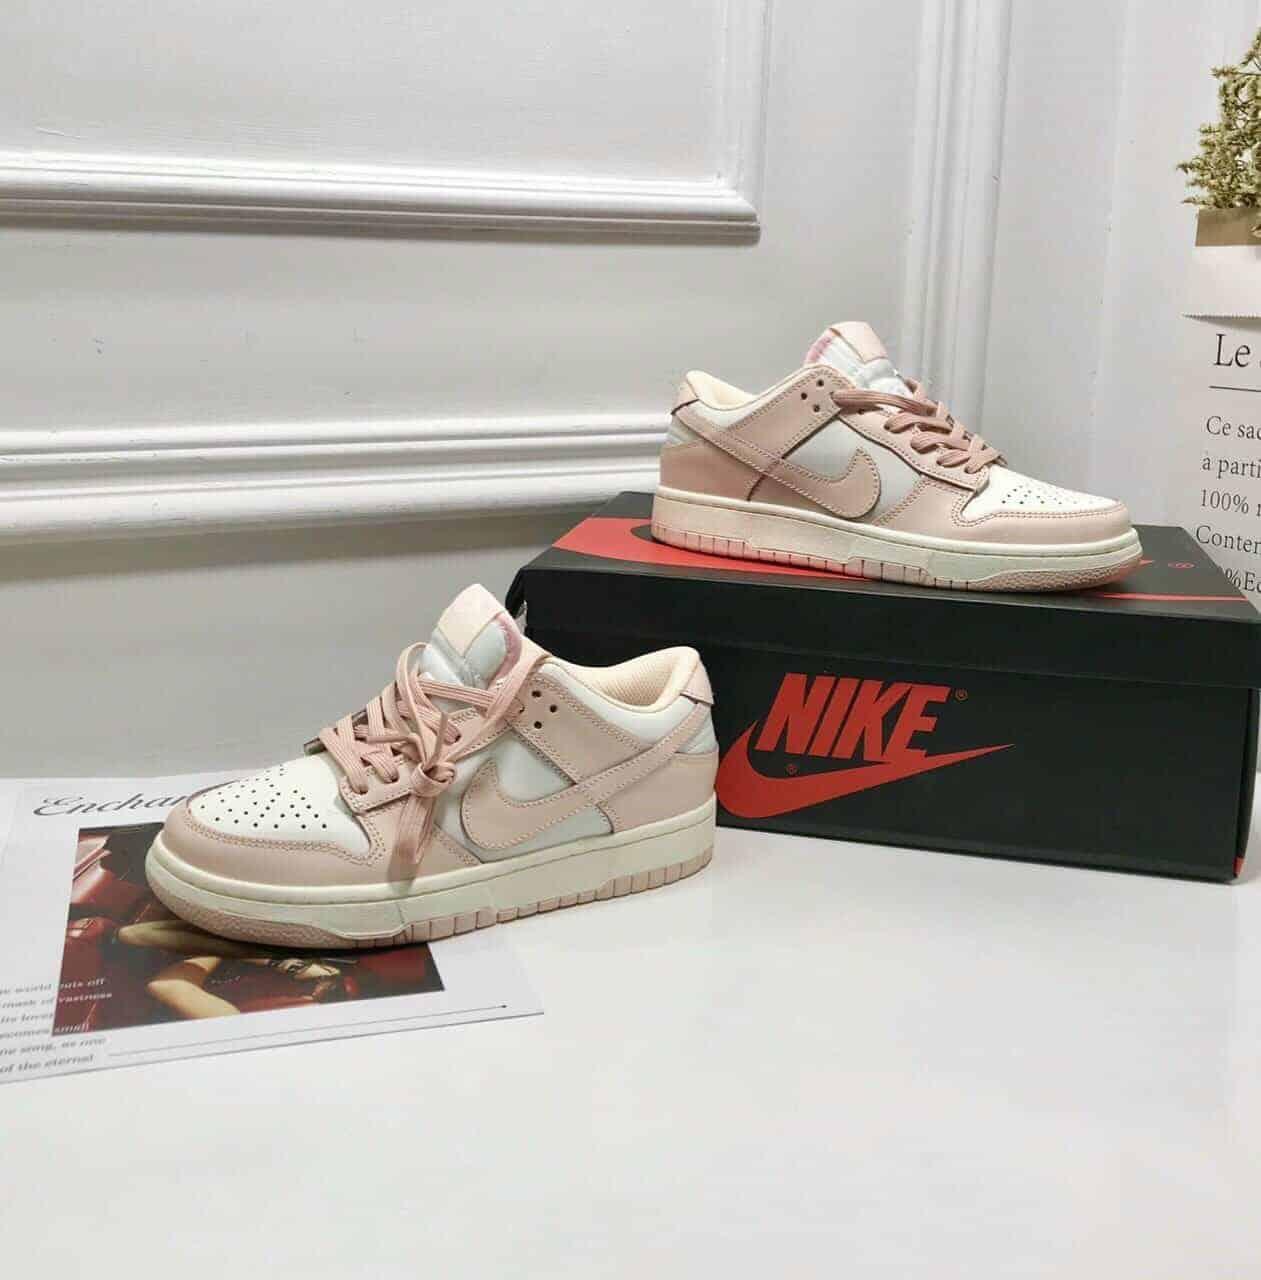 Nike SB Dunk Pink Hồng Rep 1:1 có thiết kế giống Nike chính hãng 99%